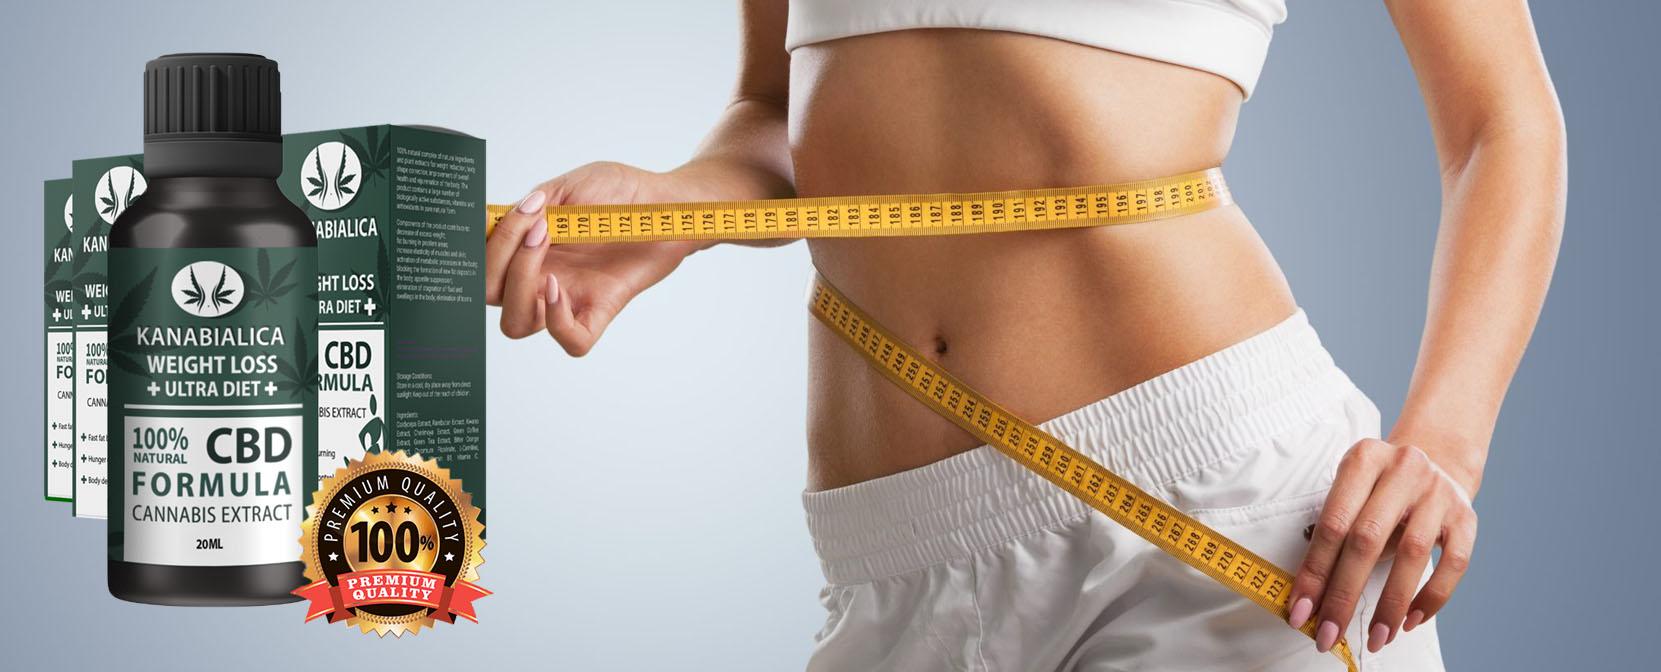 Kanabialica integratore per perdere peso